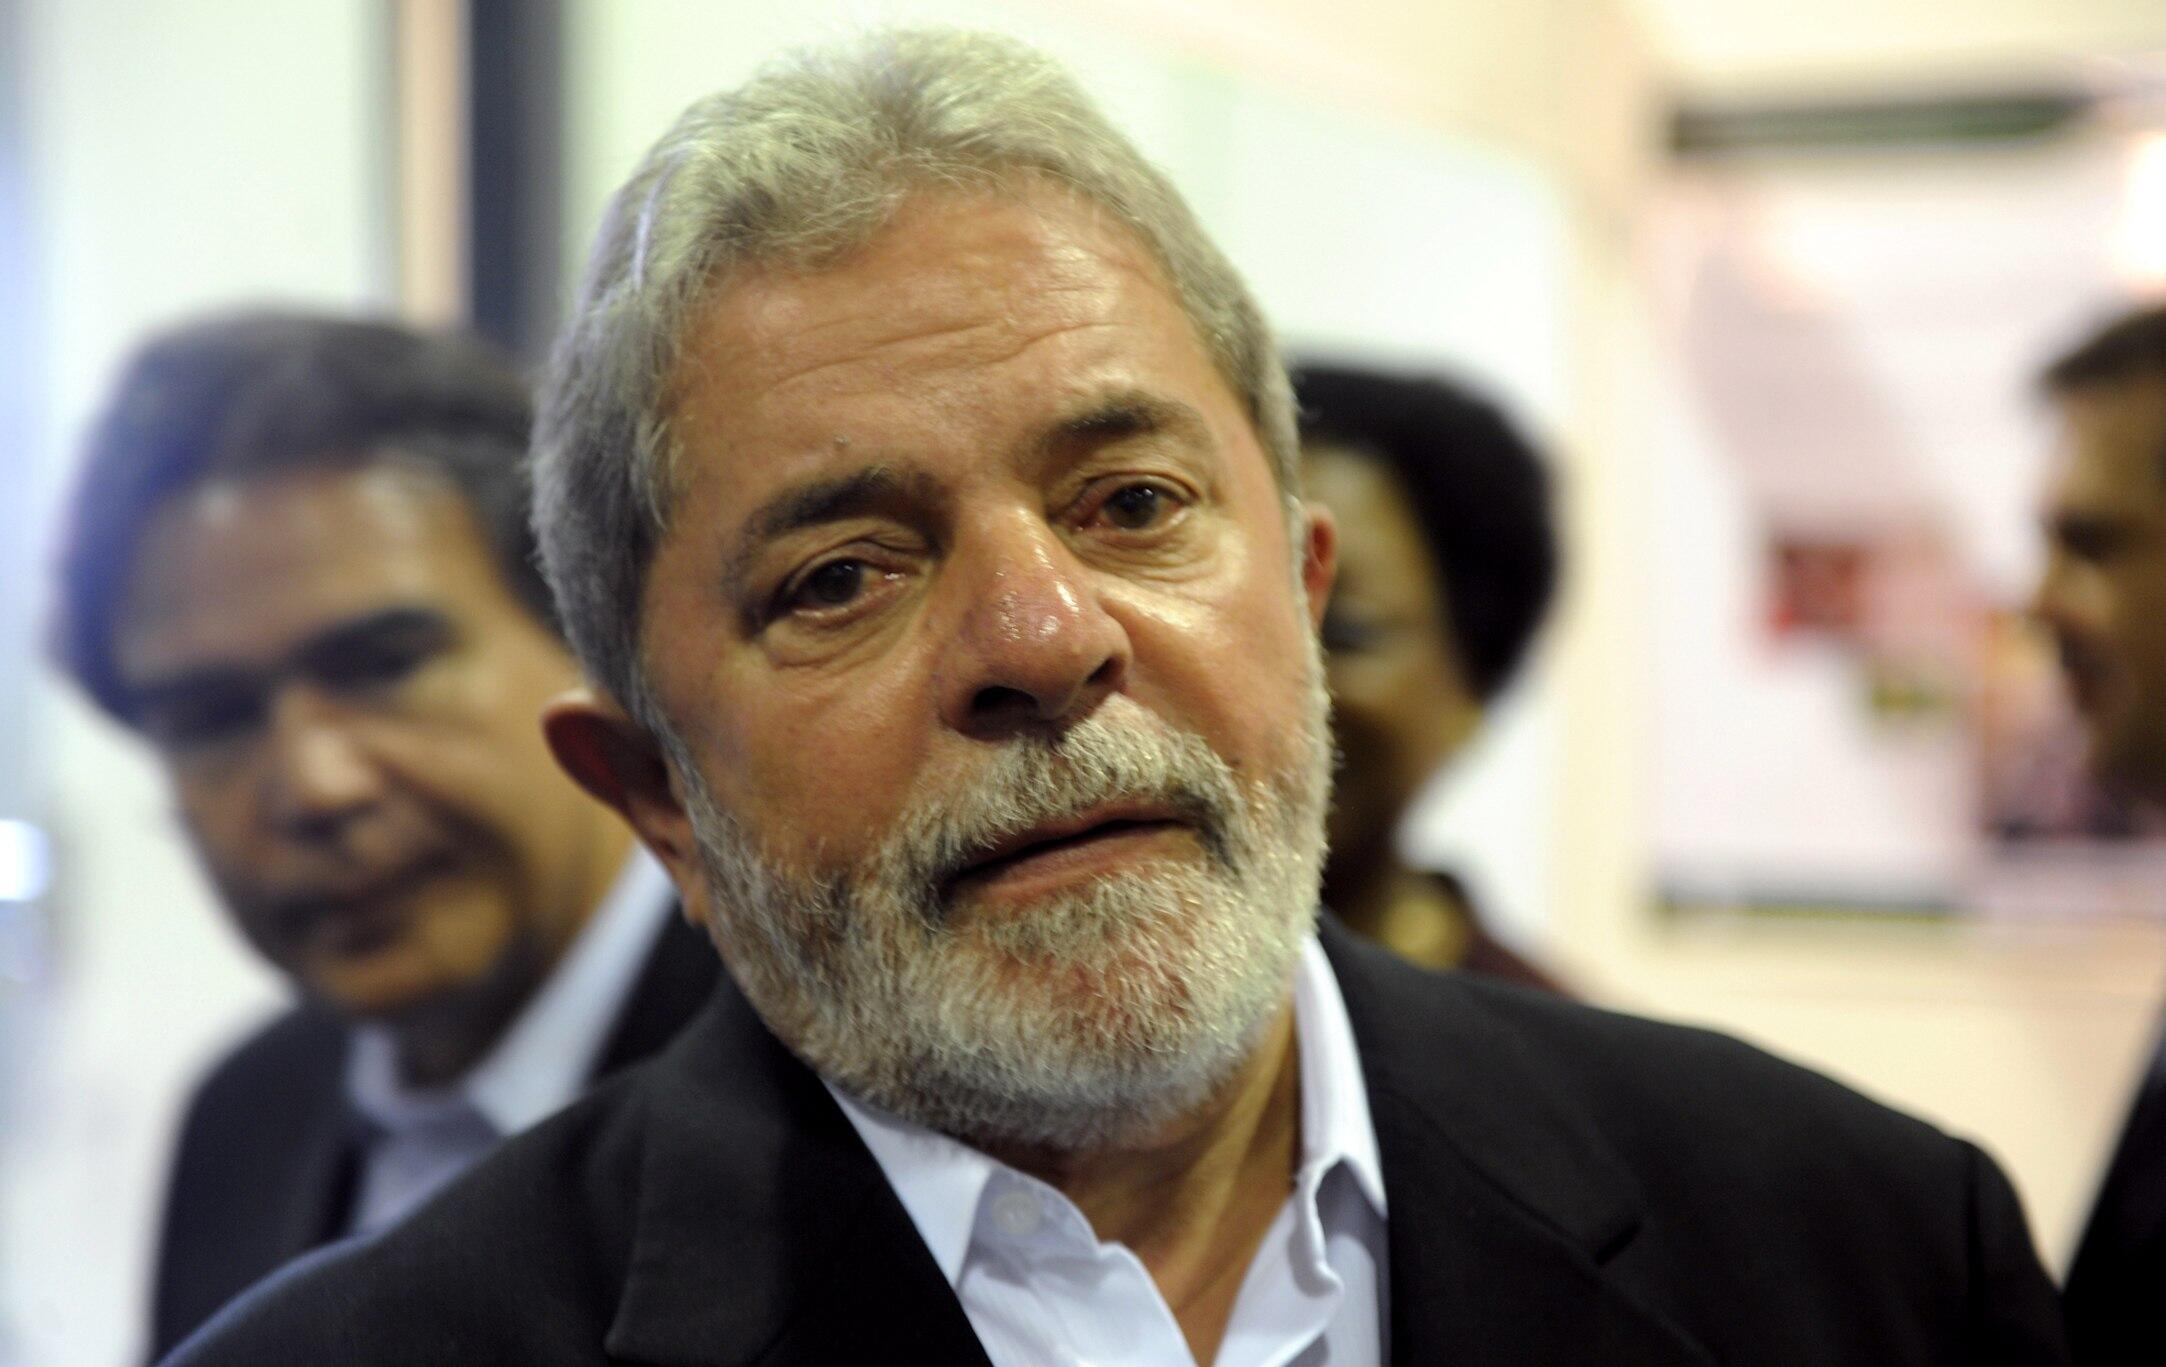 O presidente Lula visitou as instalações da futura fábrica de antirretrovirais construída com apoio brasileiro na cidade moçambicana da Matola, nesta quarta-feira, 10 de novembro.